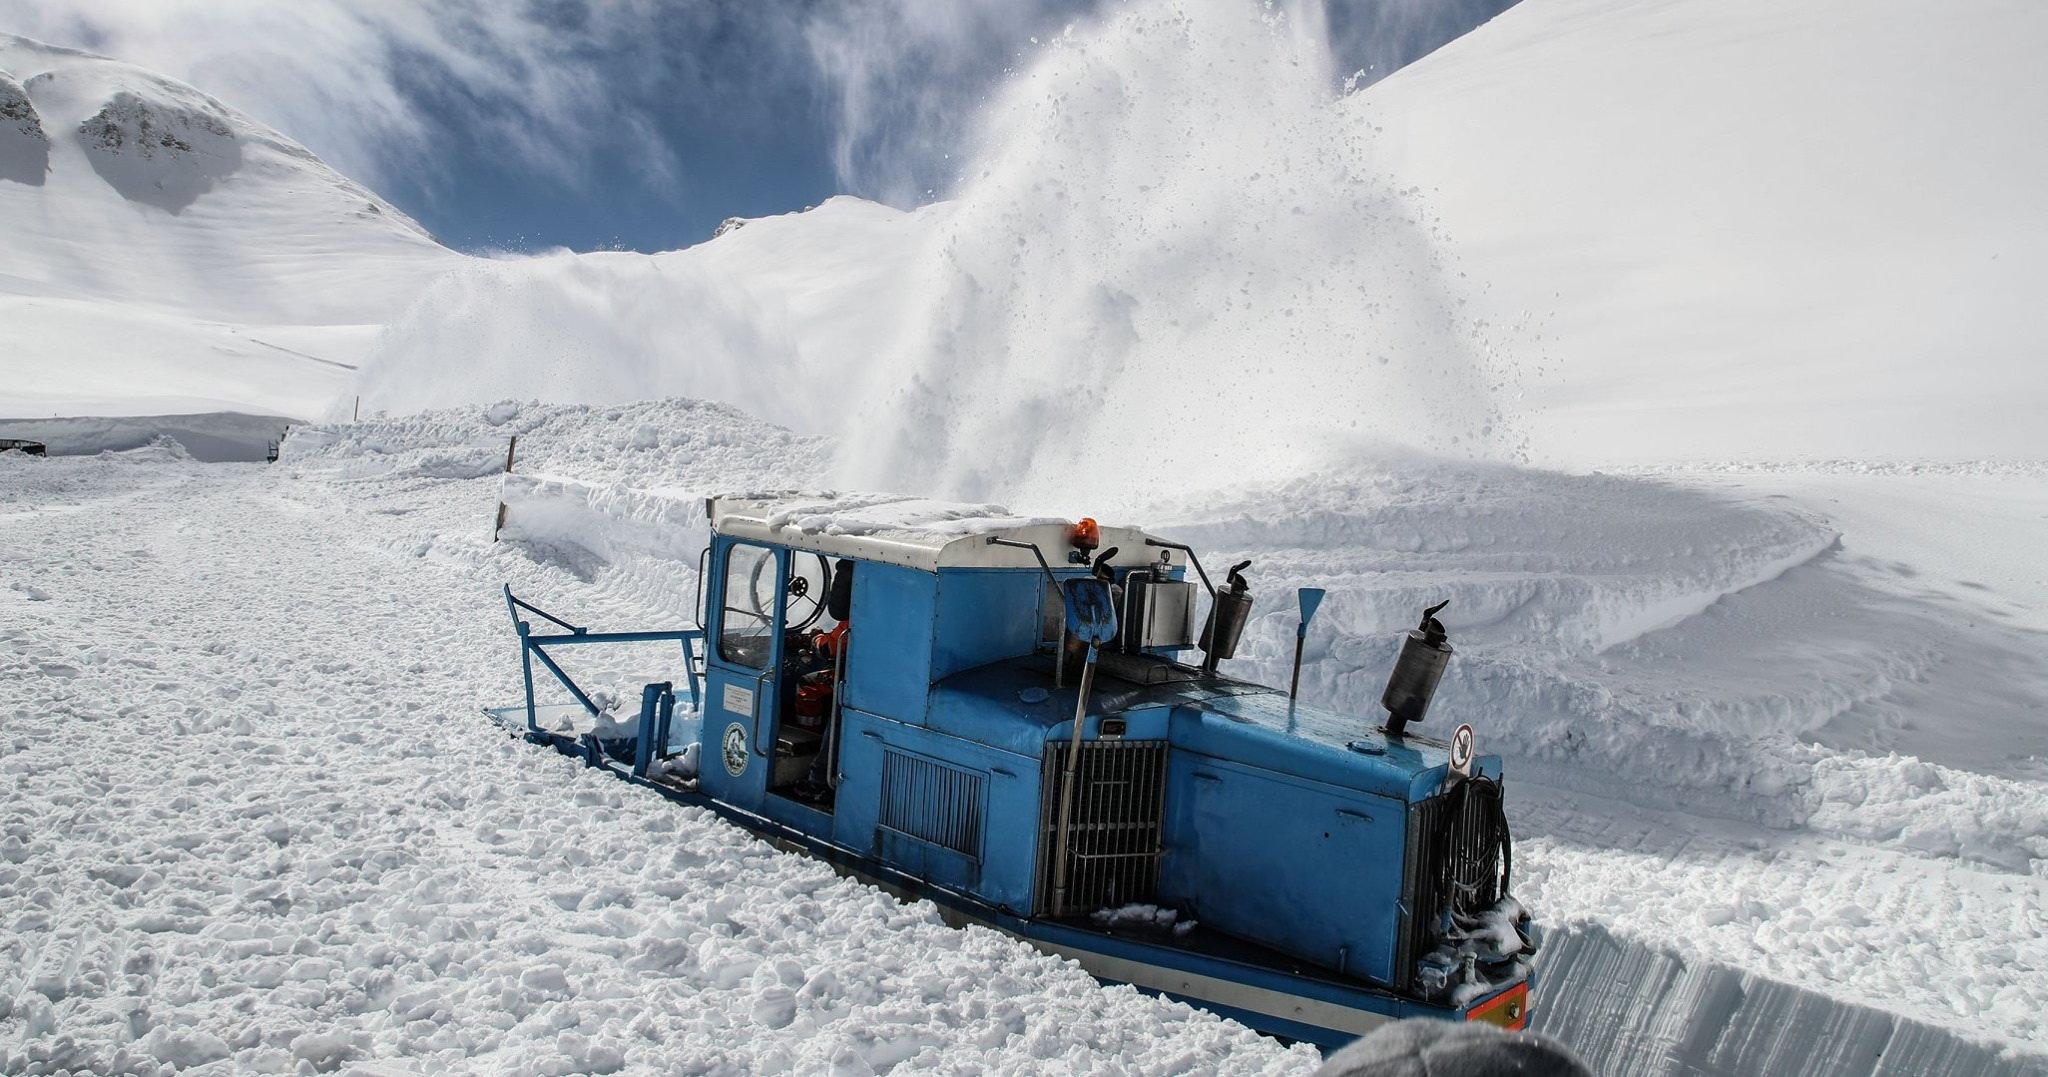 Grossglockner-panorámaút: még nem indították be a hómarókat